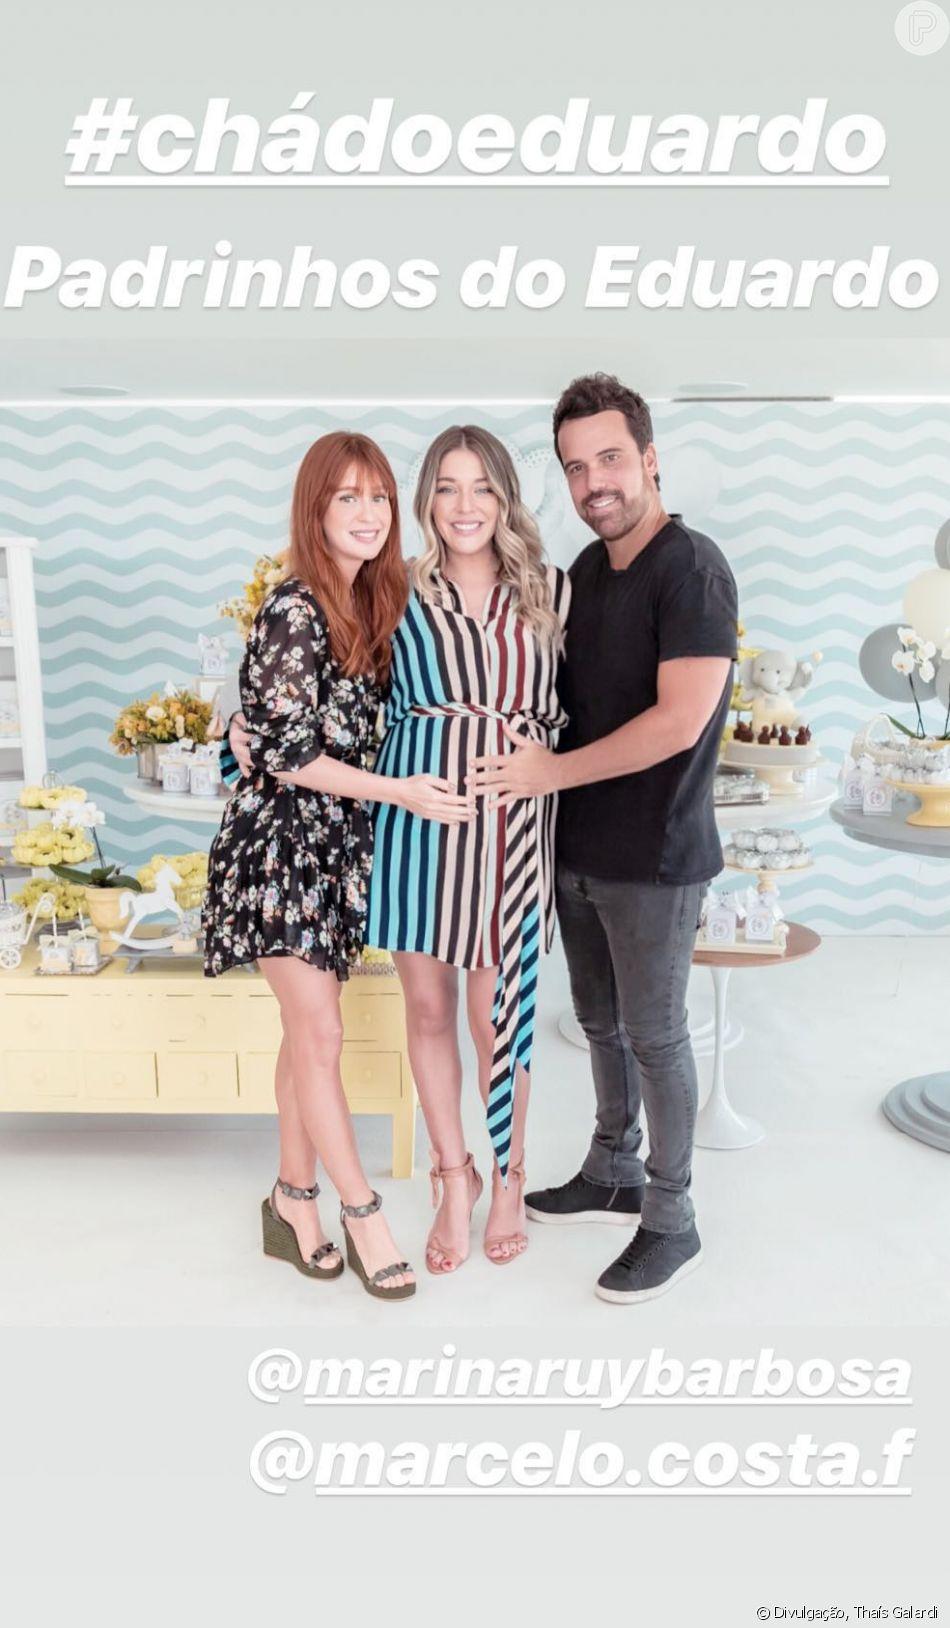 Luma Costa recebeu Marina Ruy Barbosa em chá de bebê do segundo filho neste domingo, 25 d novembro de 2018